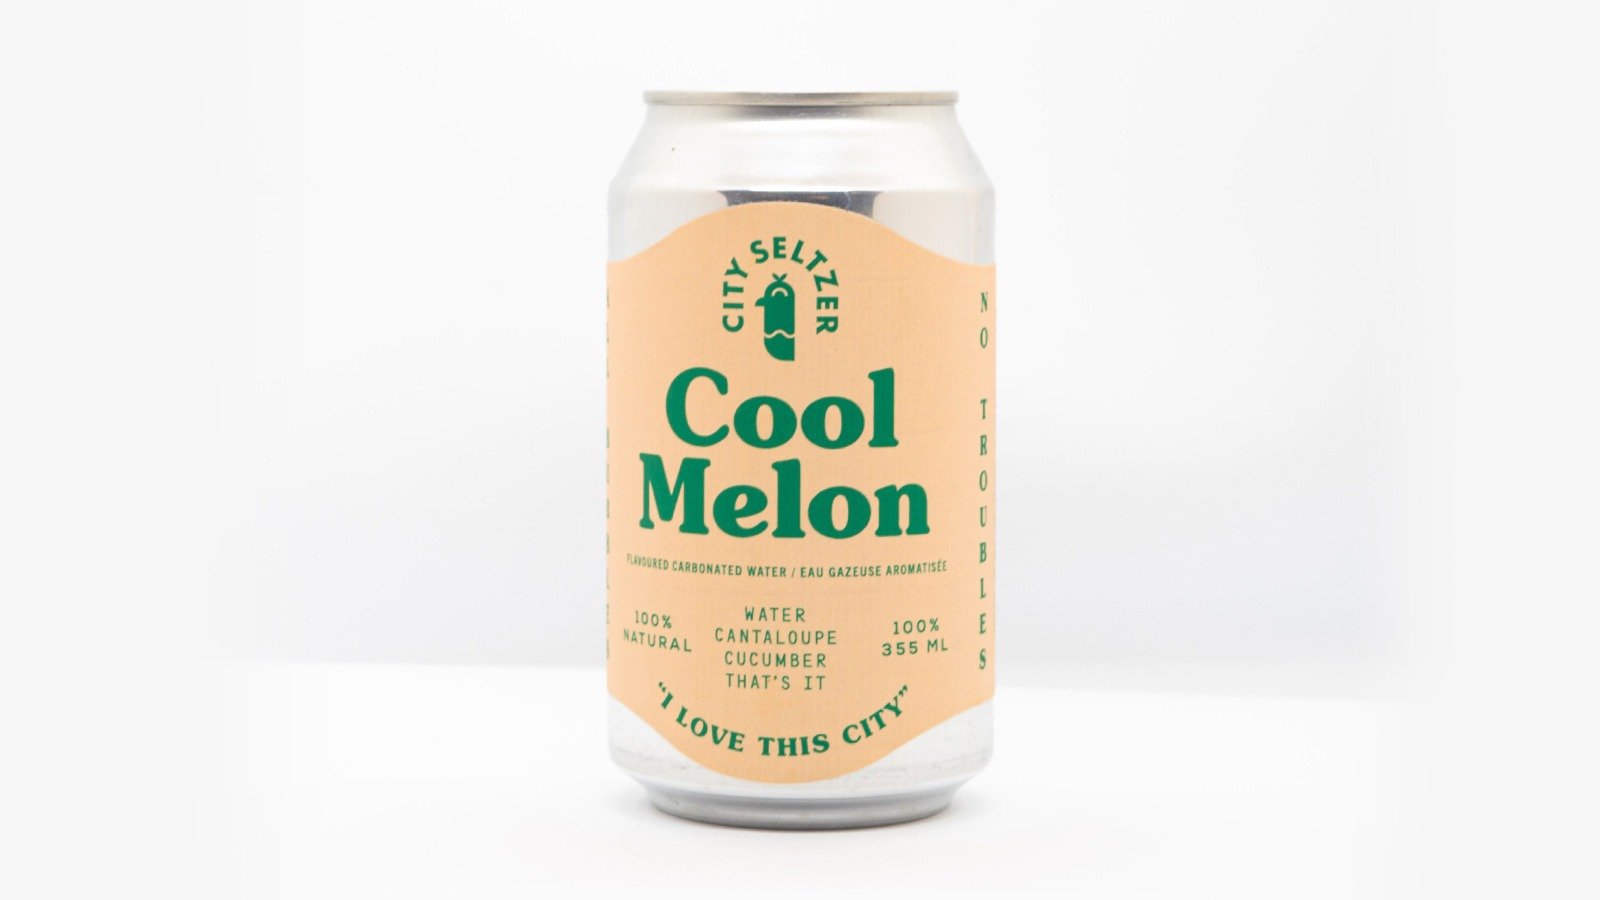 City Seltzer Cool Melon